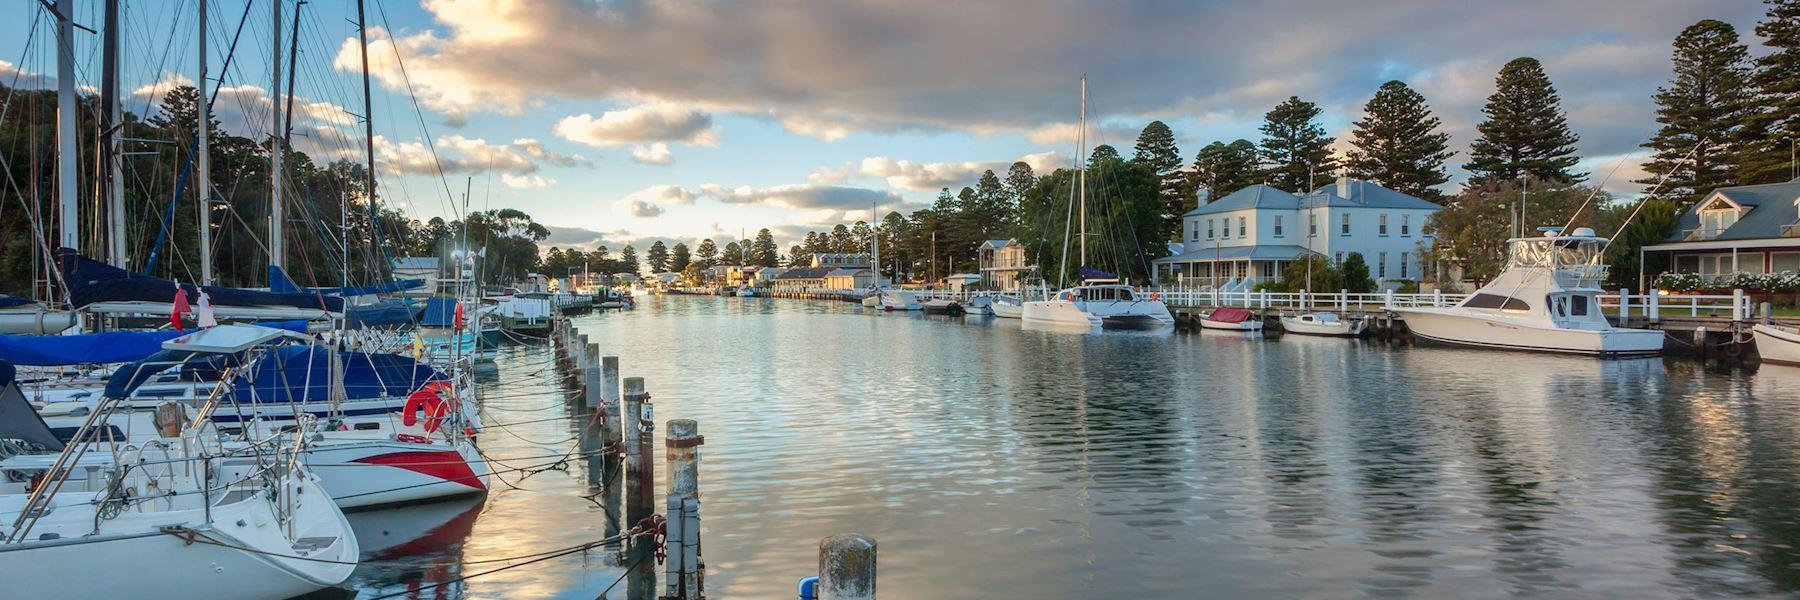 Visit Port Fairy, Australia